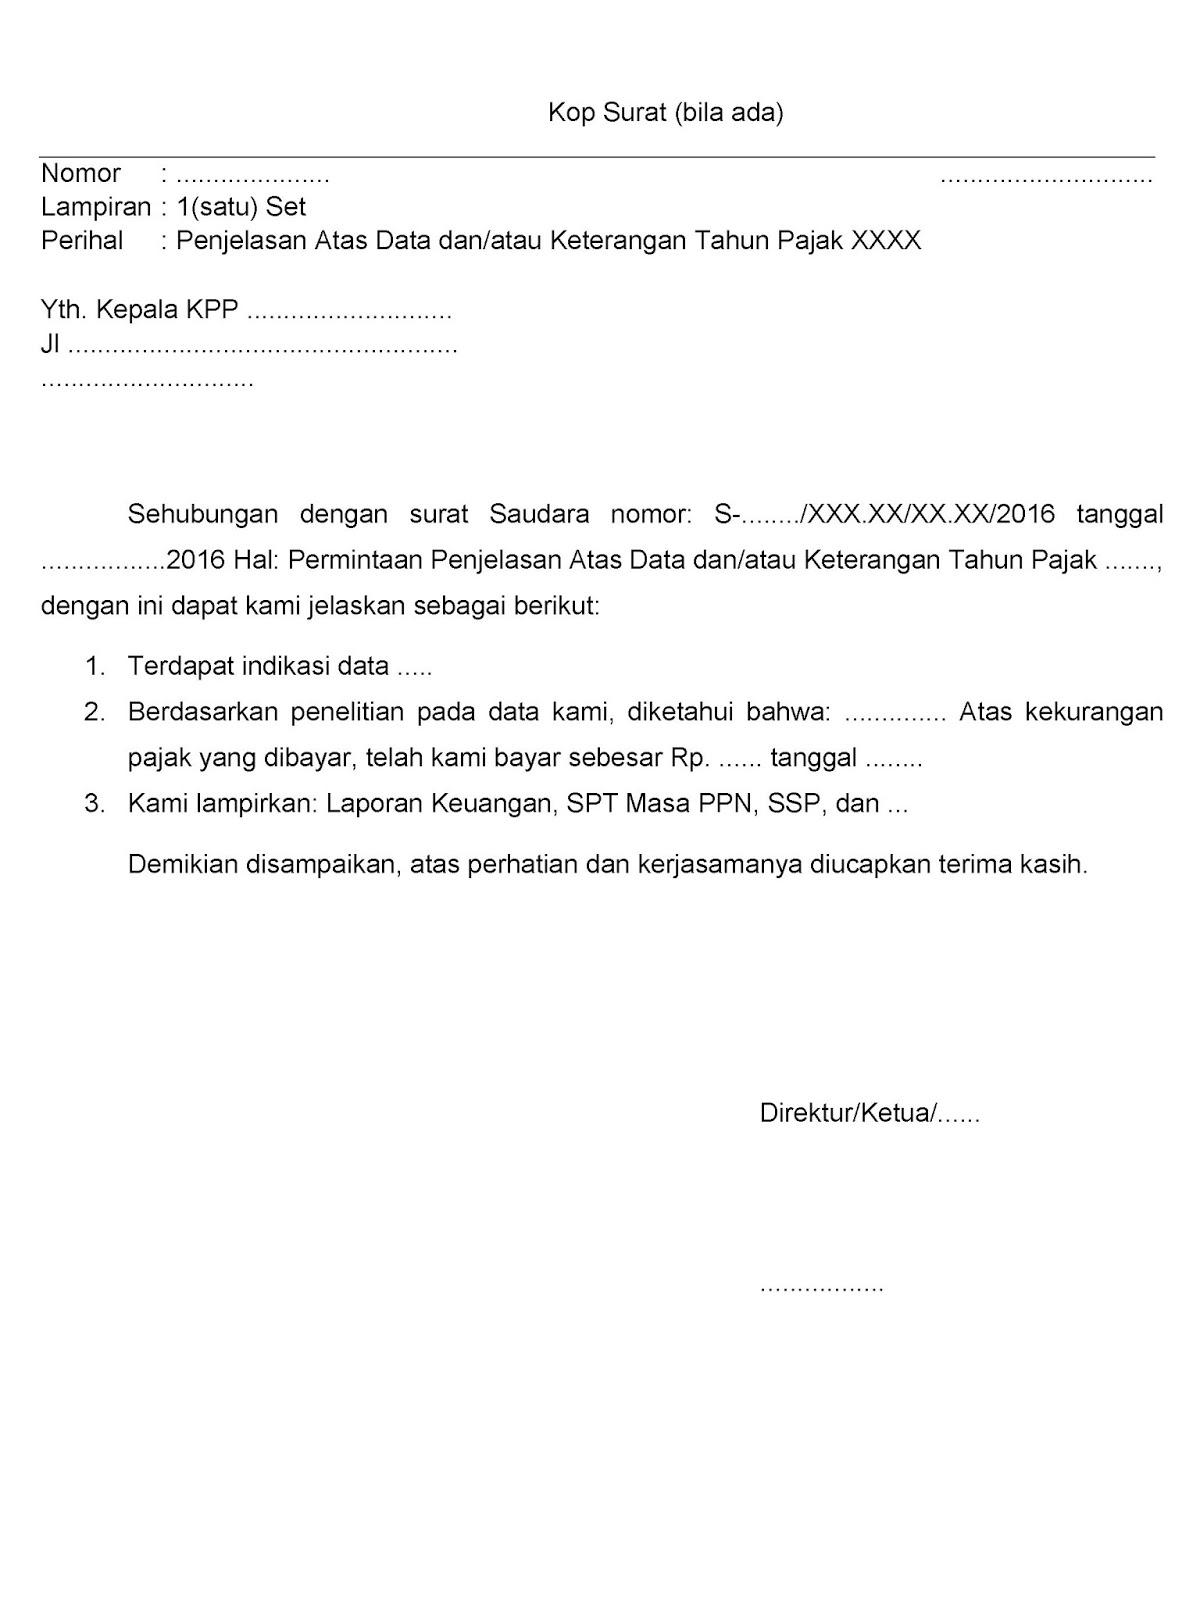 Contoh Surat Balasan Klarifikasi Pajak : contoh, surat, balasan, klarifikasi, pajak, Contoh, Surat, Balasan, Penelitian